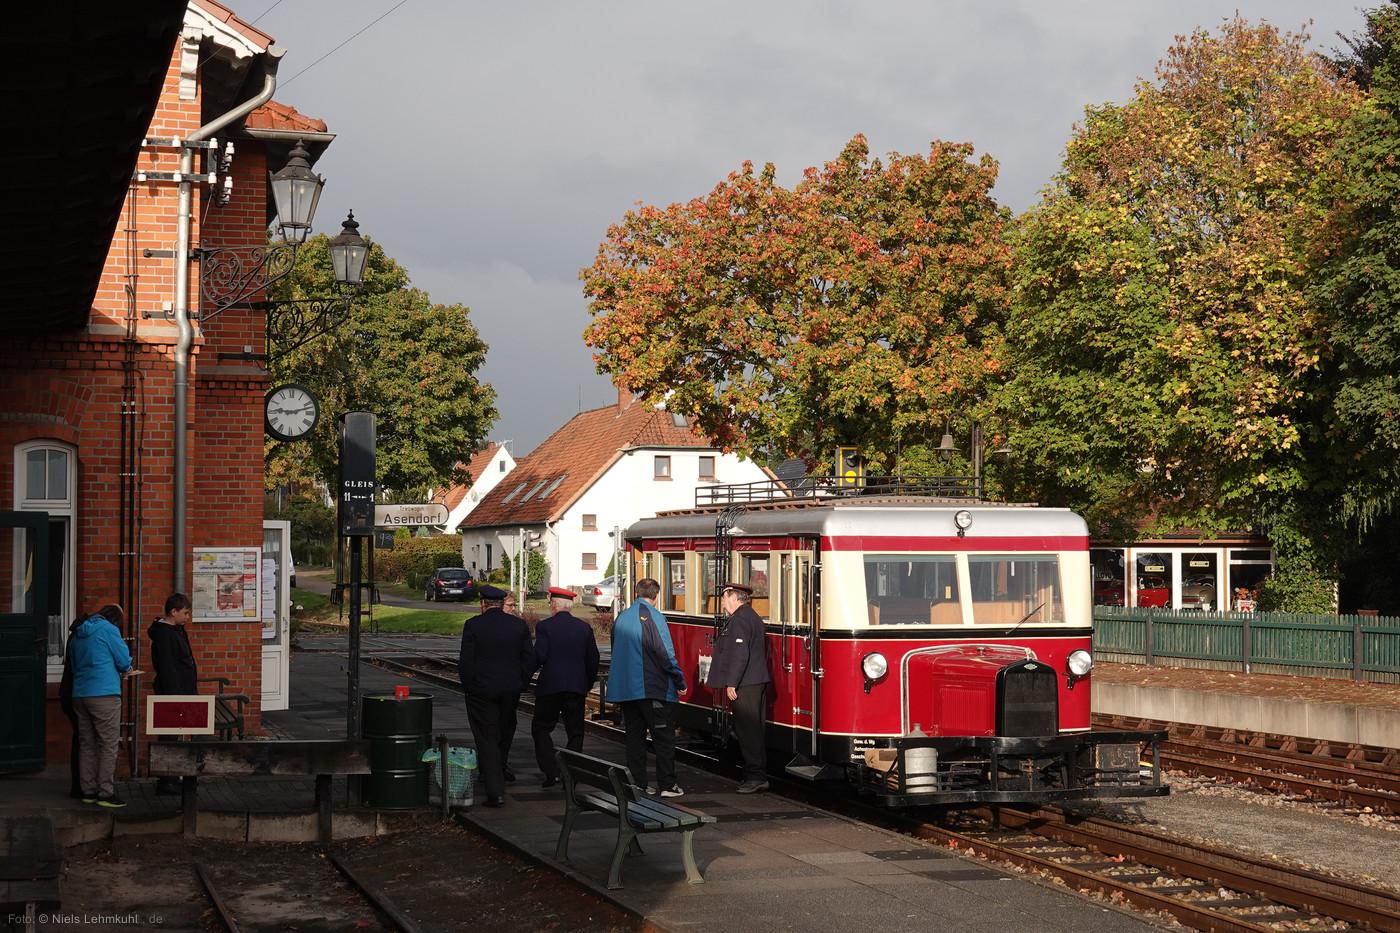 http://www.nielslehmkuhl.de/dso/DEV-T41_BruchhausenVilsen_20191003_0912_xxl_dsc03999.jpg